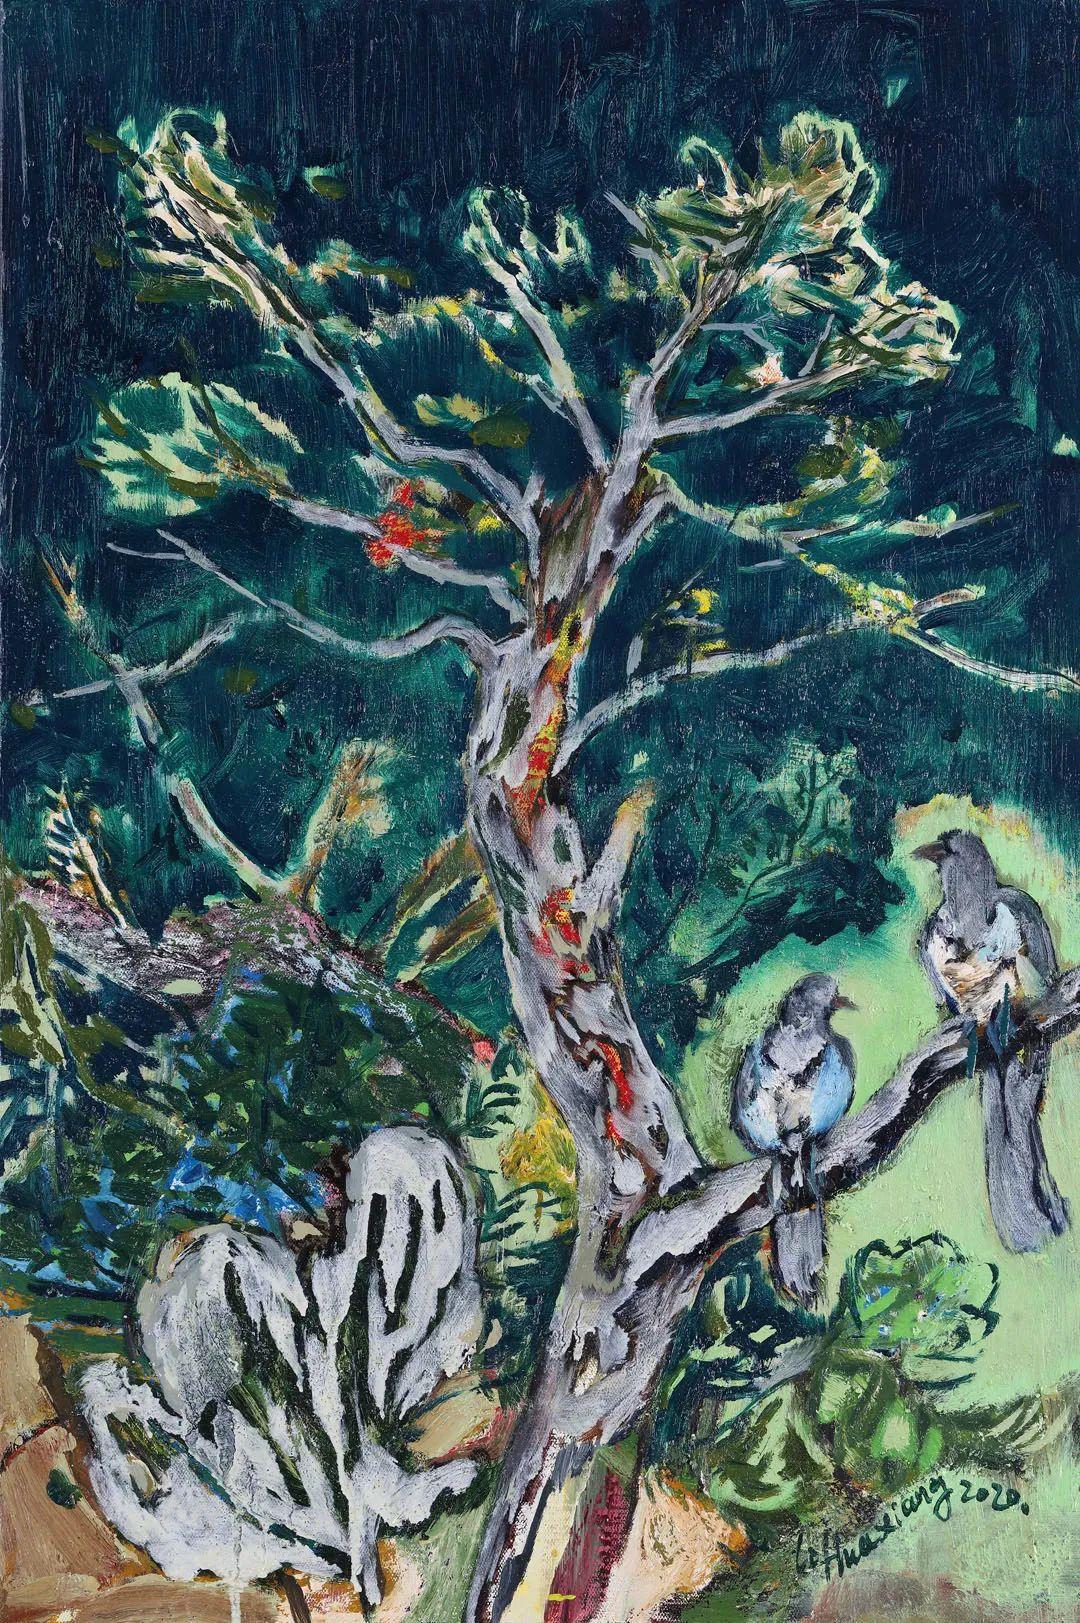 中国当代绘画艺术展作品欣赏之 李华相插图23